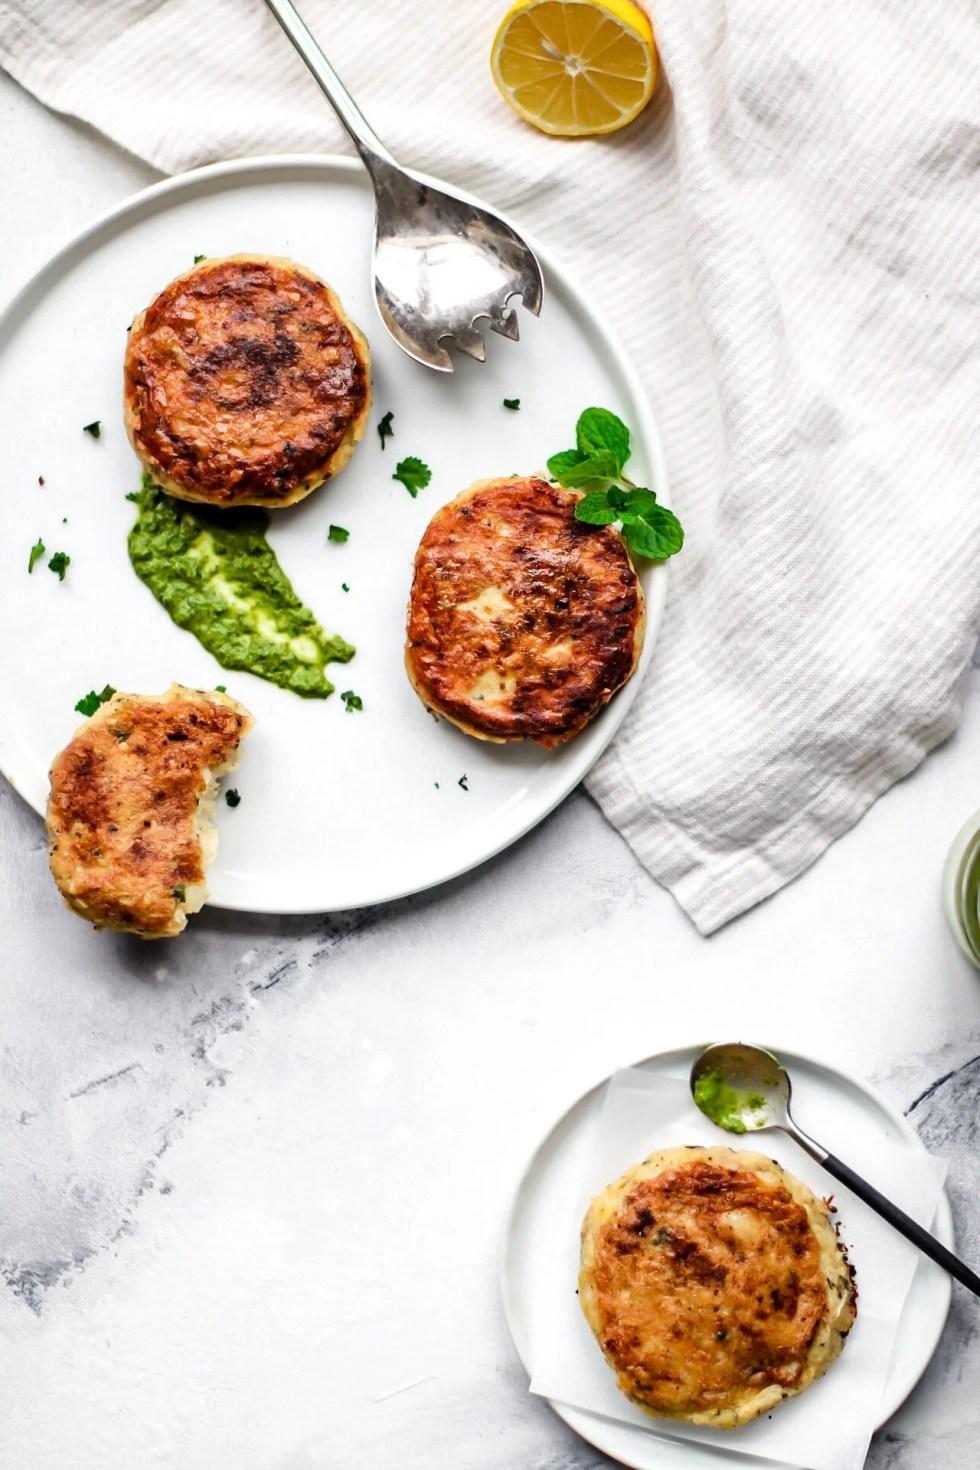 Aloo ki tikki - potato cutlets with chutney